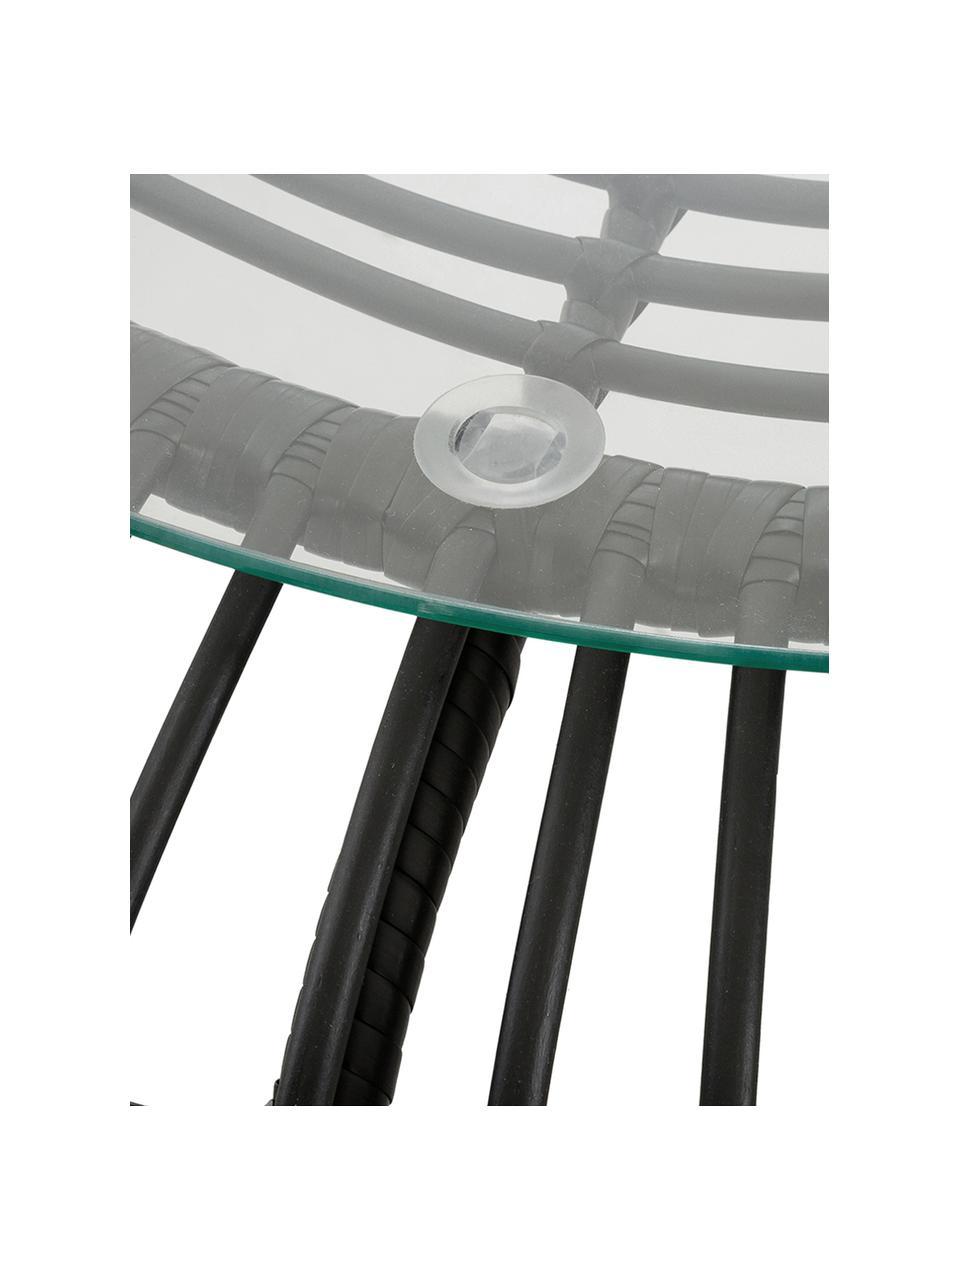 Polyrattan-Couchtisch Costa in Schwarz, Tischplatte: Glas, Stärke, Gestell: Polyethylen-Geflecht, Schwarz, Ø 85 x H 42 cm